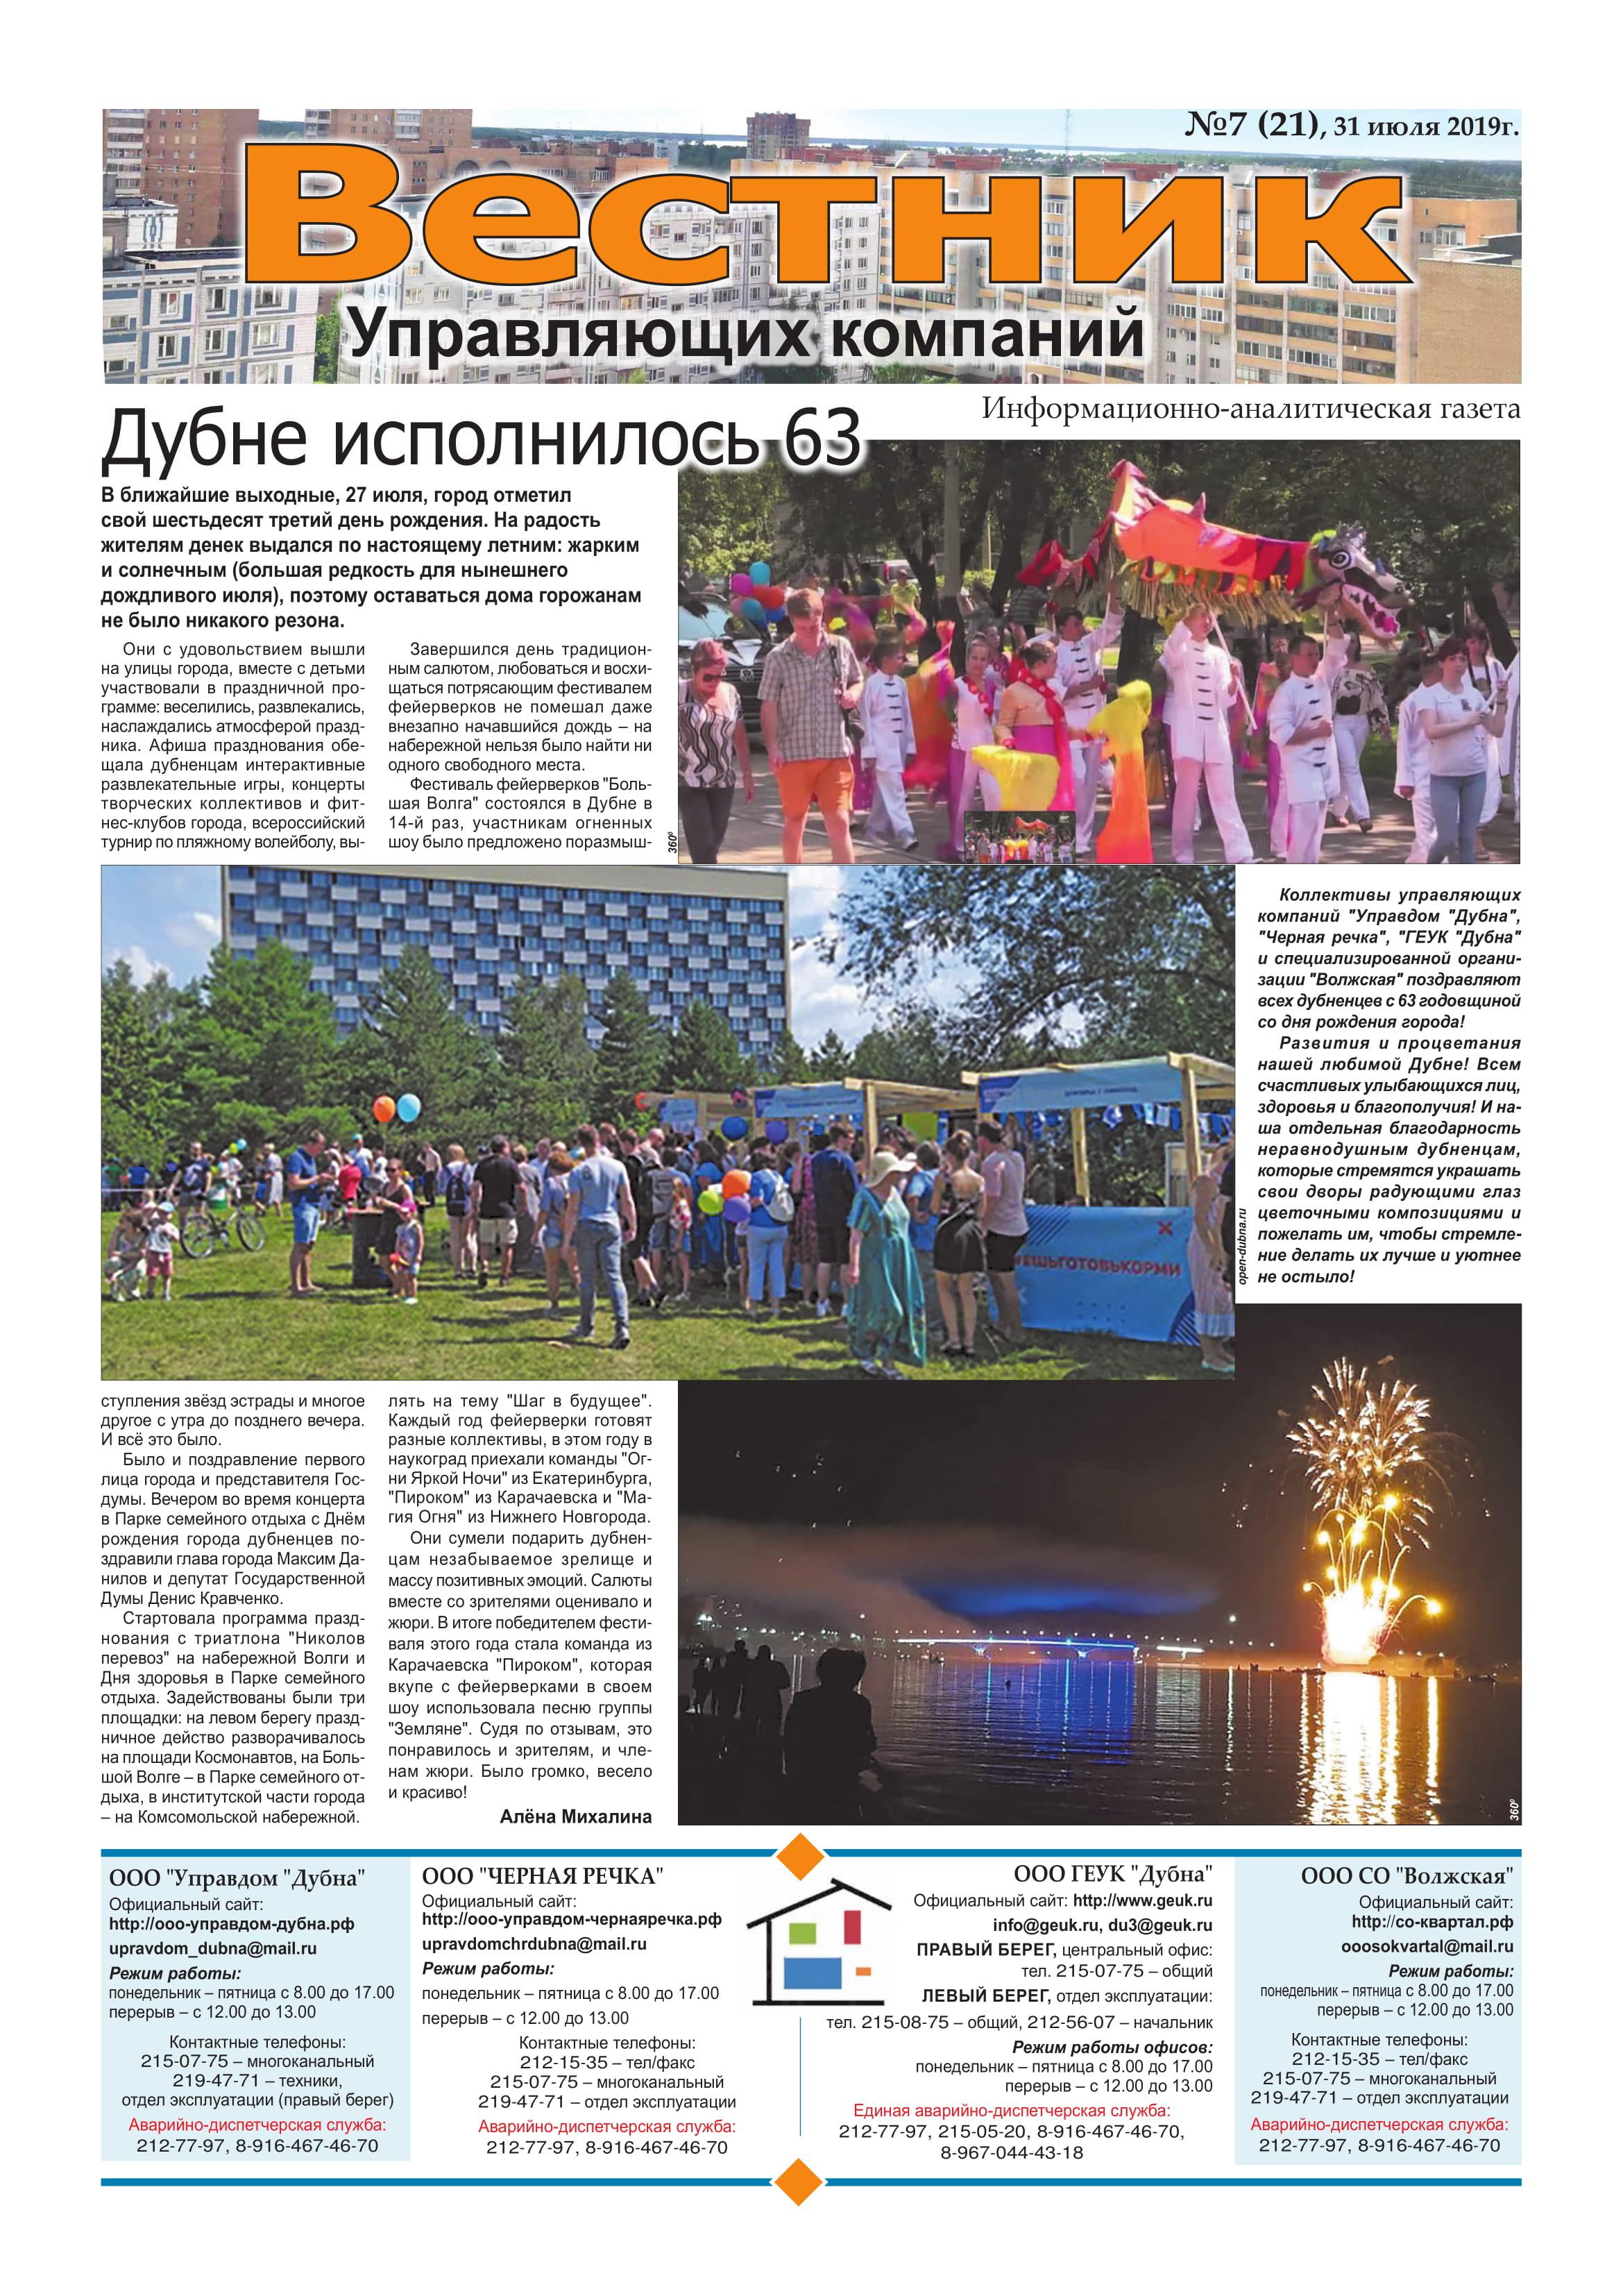 Вестник Управляющих компаний №7(21) от 31 июля 2019-1